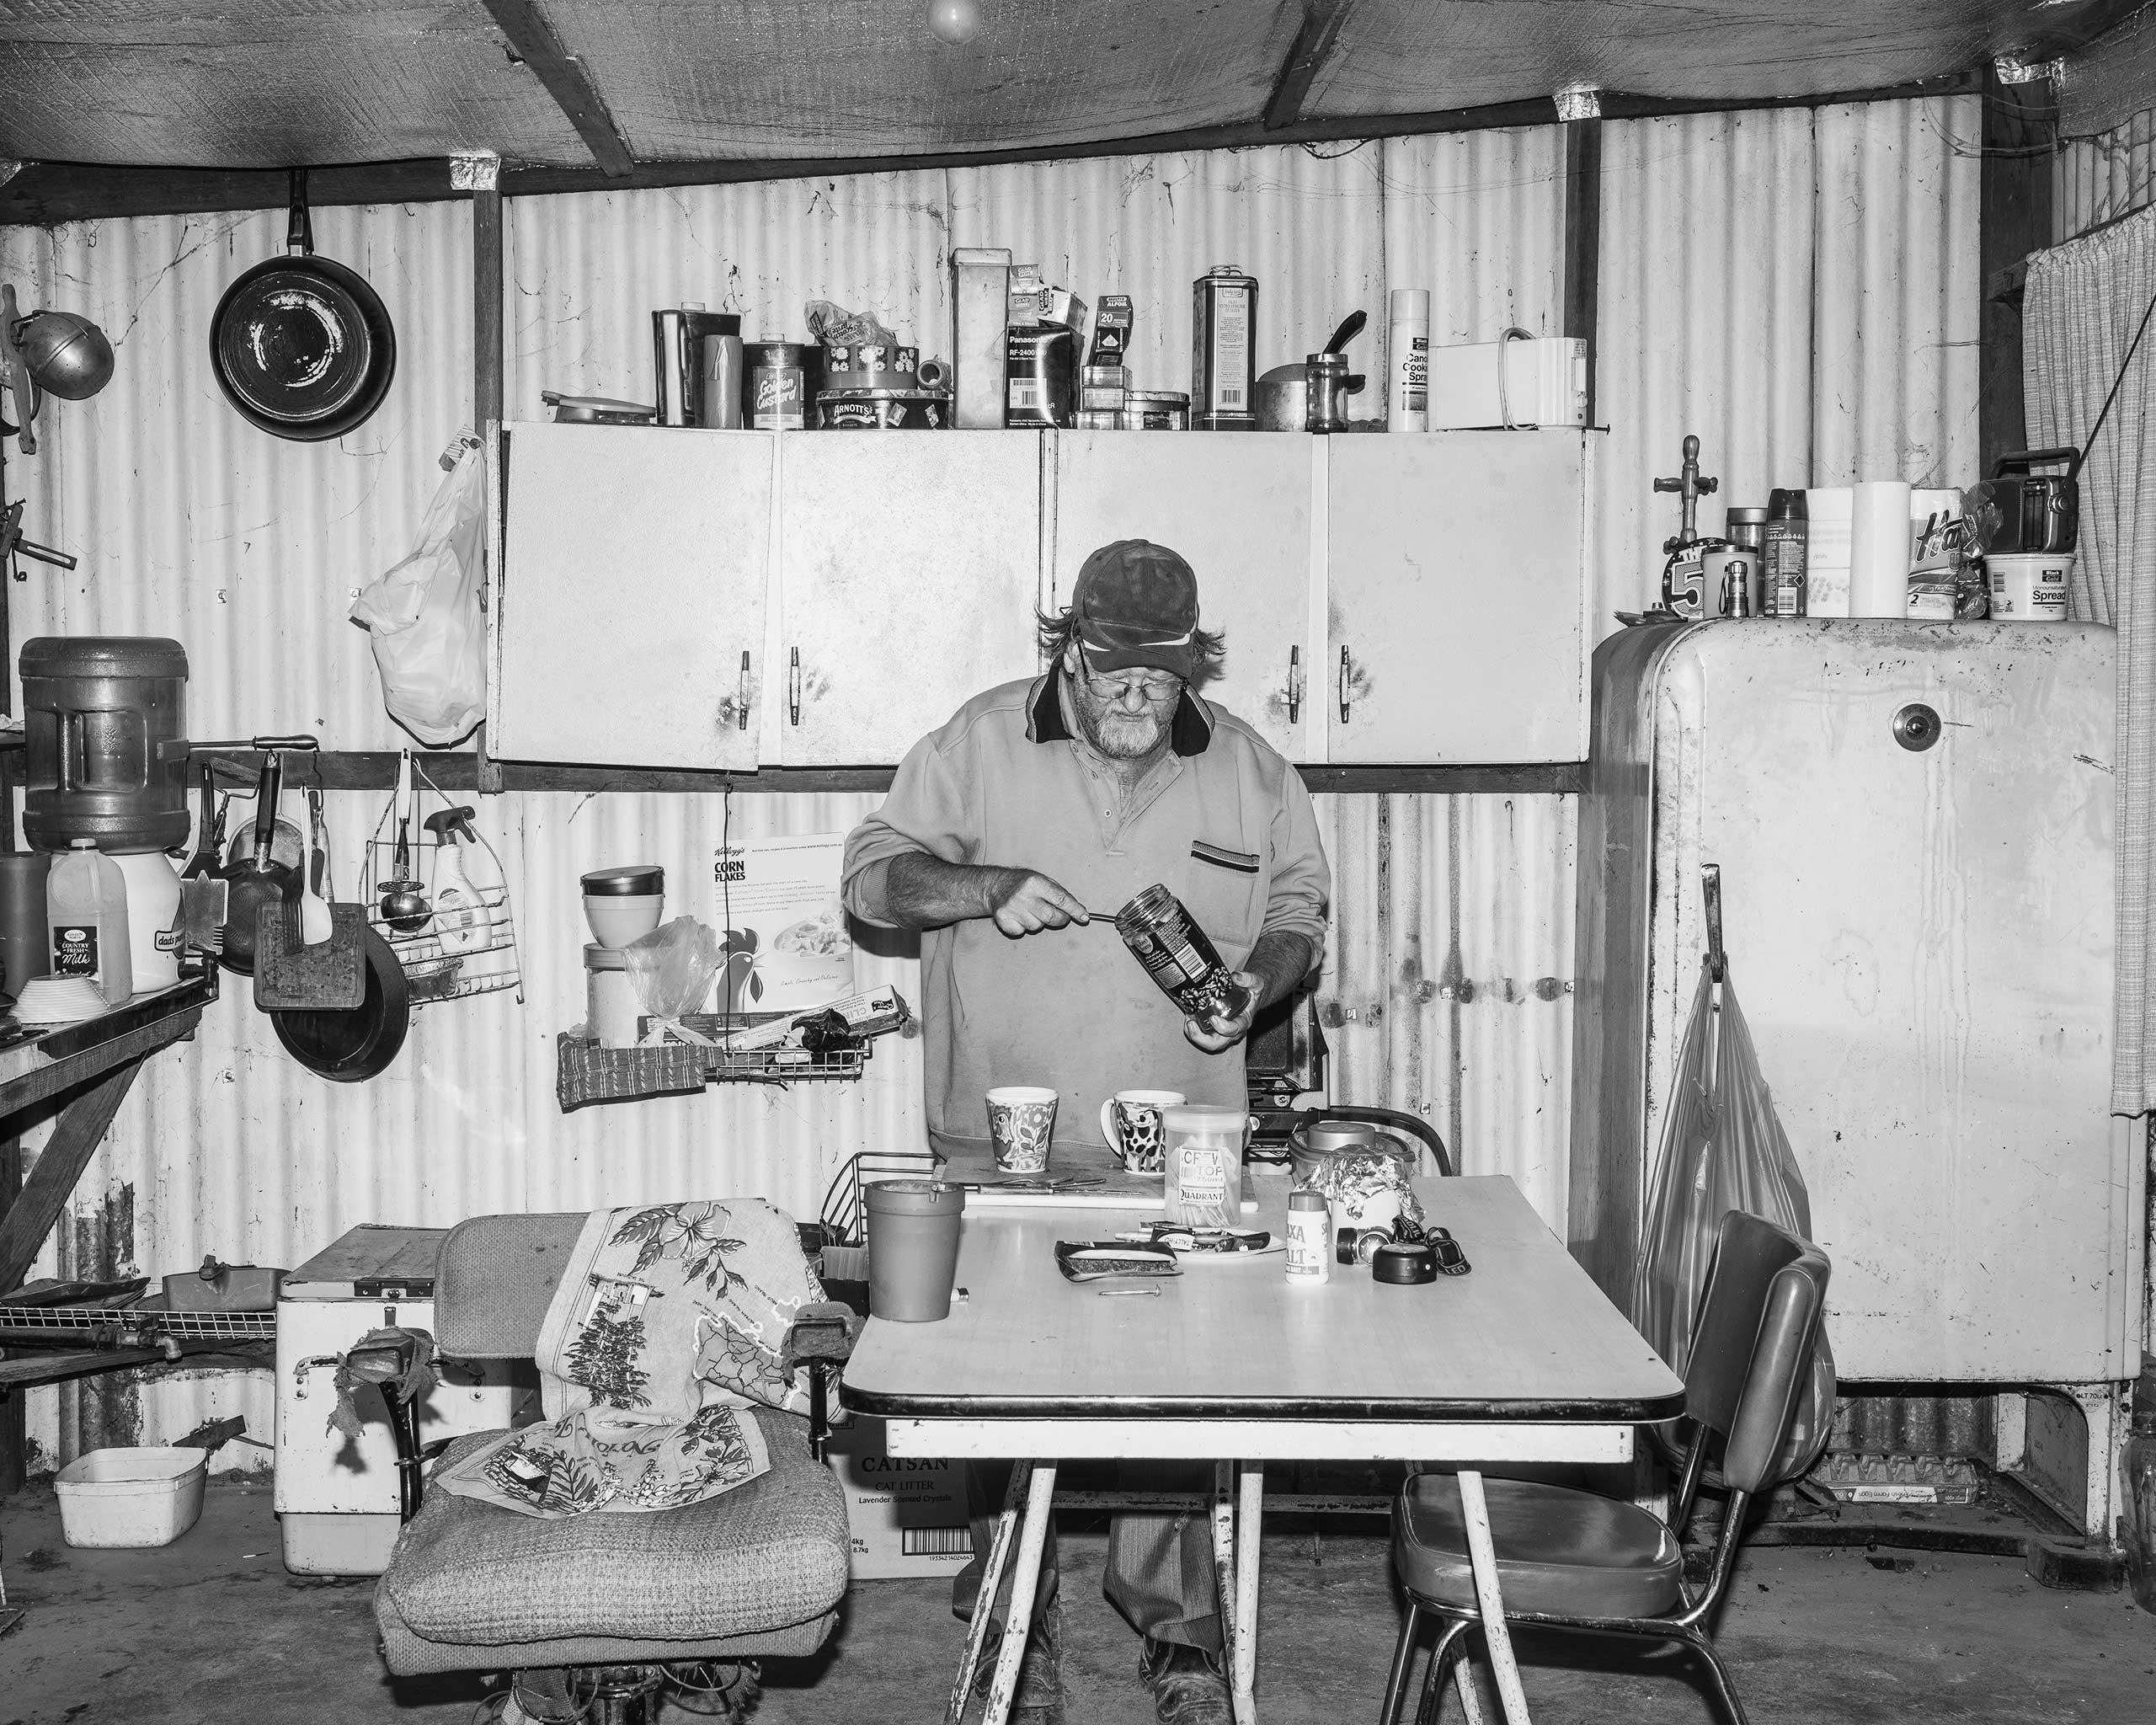 Rabbit's Kitchen, Coober Pedy, Australia, 2016.